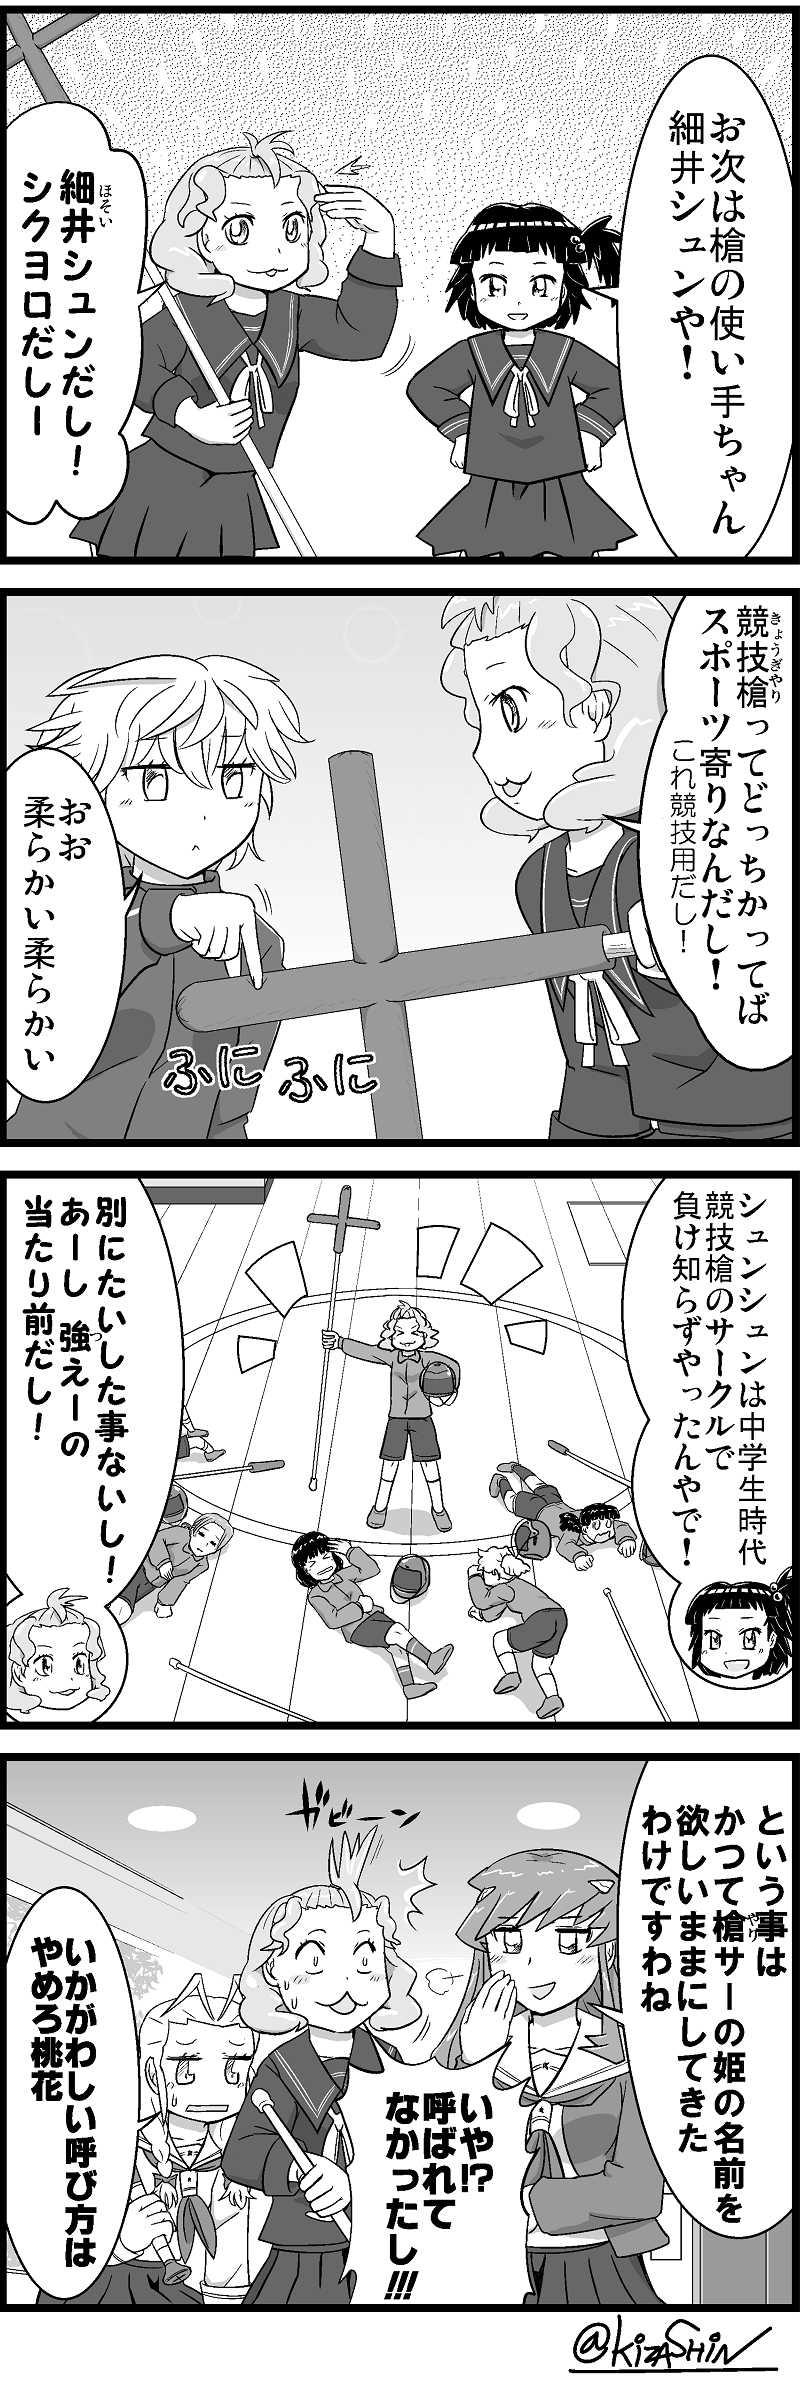 第51話 「マユタンと槍サーの姫」